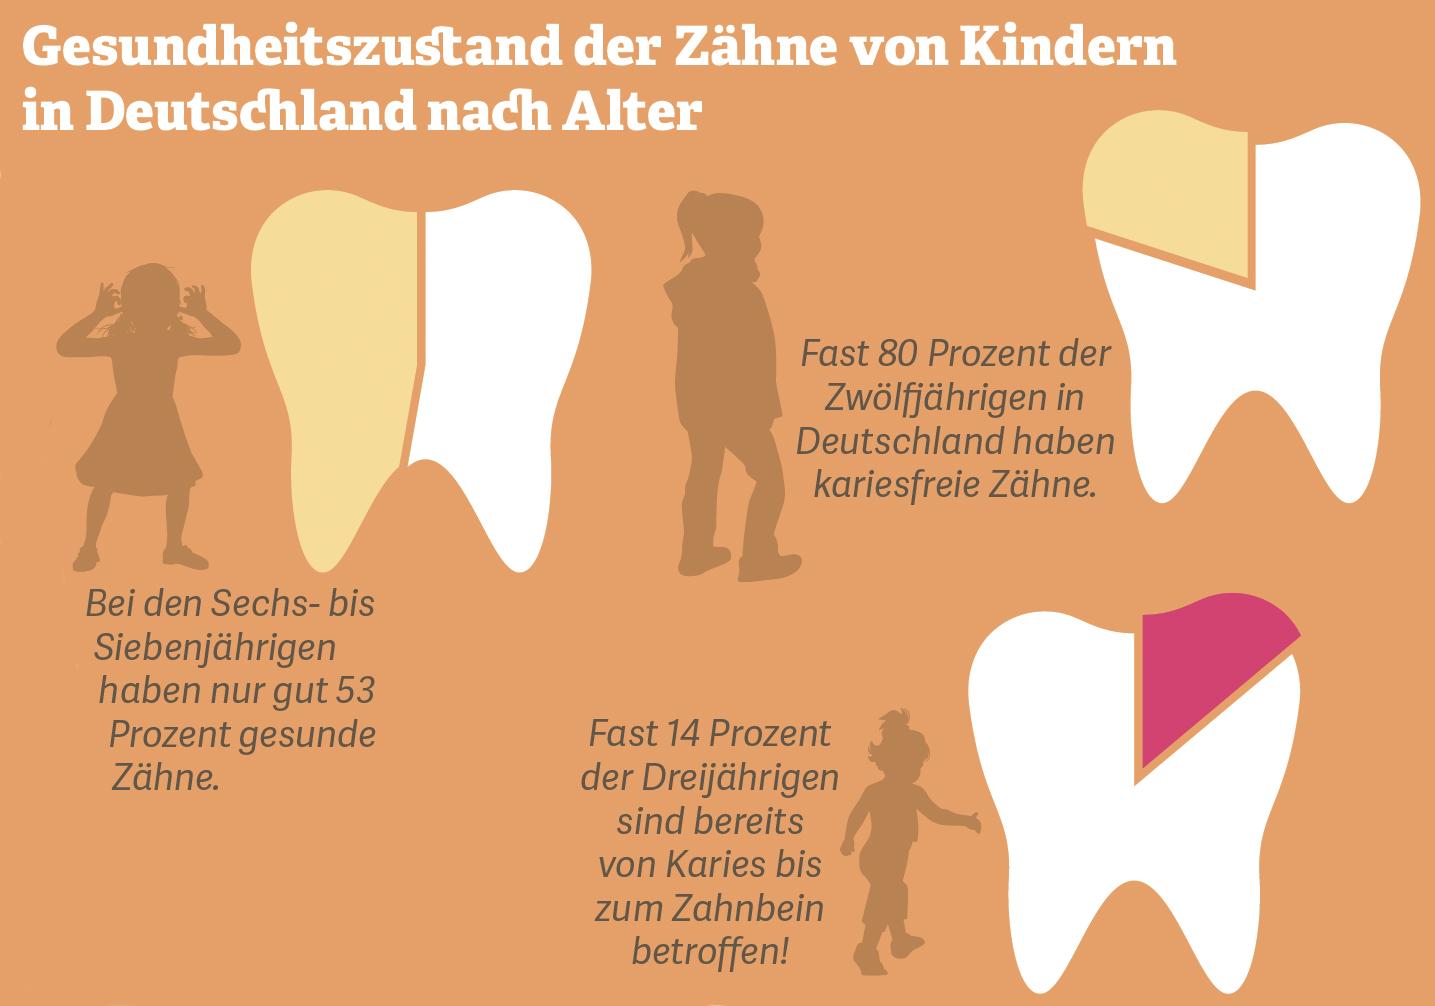 Grafik: Gesundheitszustand der Zähne von Kindern in Deutschland nach Alter